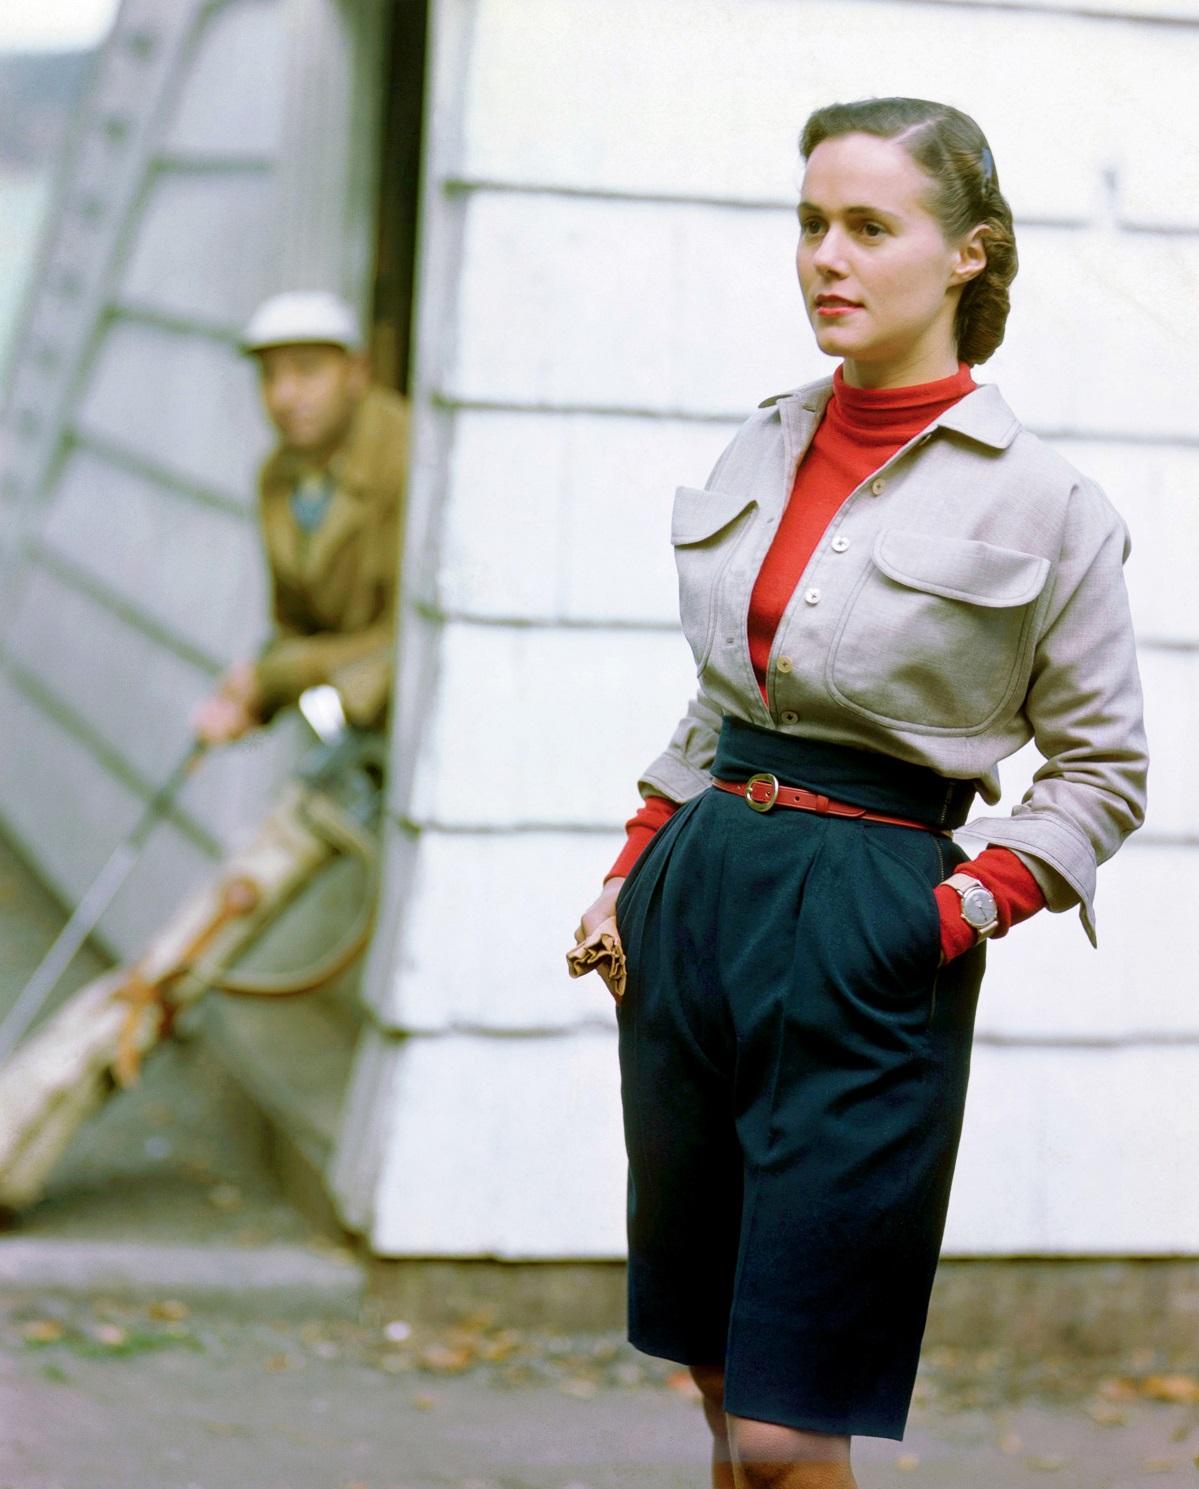 Из коллекции летней одежды. Фото Женевьев Нейлор, 1949 год